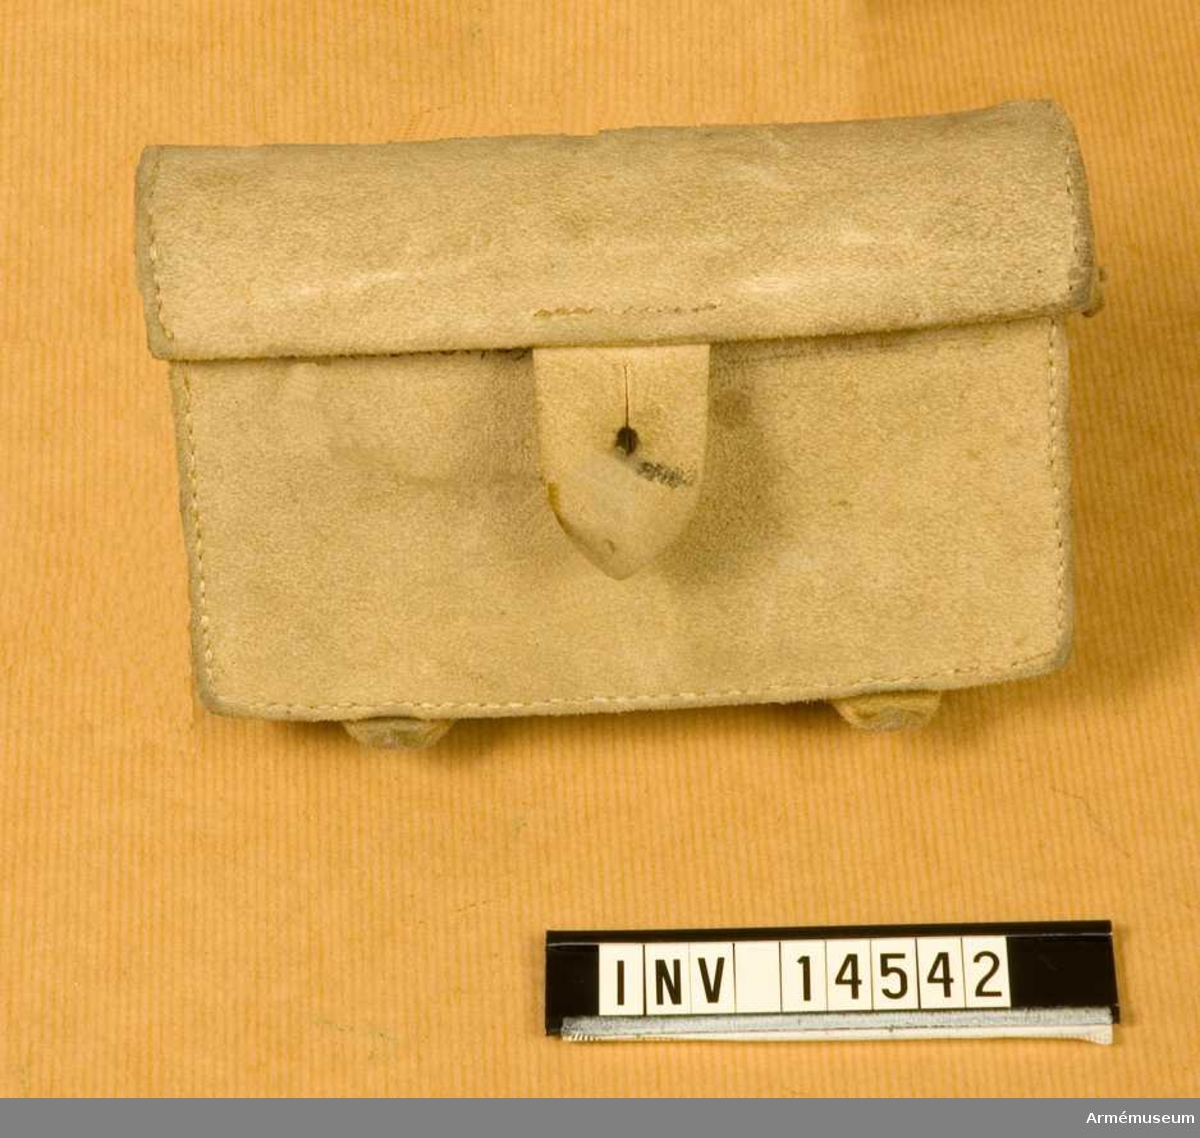 """Grupp C:I. Patronväska av älgläder, består av lock med en läderbit som har knapphål och stängs på framsidan. På lockets baksida står: """"England"""". På väskans framsida en knapp för knäppning - och på baksidan två hylsor av samma läder, för att fästa den vid livremmen. I väskan finns järnfodral med mellanvägg också av järn. På väskans baksida stämpel """"W L D"""" - över L en uppåtriktad pil. Litteratur: Enl. Die Englische Armee. Leipzig. Verlag von M. Ruhl, sid 20. Infanterie. Das Lederzeug. Remtygspersedlar voro av vitläder. Bilaga sid 4, 5, 6, 7, - alla gardes- och linjeinfanterister ha vita remtygspersedlar. Handbuch der Uniformkunde. Prof. Rickard Knötel. Hamburg 1937. Sid 197. Infanteriet har vita remtygspersedlar utom skarpskytteregementenas som bära svarta. Die Heere und Flotten der Gegenwart. G. von Zeppelin. Berlin. 1897. Sid 25. Utrustningens remtygspersedlar består av vita läderremmar.Samhörande nr är 14534 lägermössa, 14535 vapenrock, 14536 byxor, 14537 fältflaska, 14538 ränsel, 14539 livrem, 14540 skor, 14541 och 14542 patronväskor."""